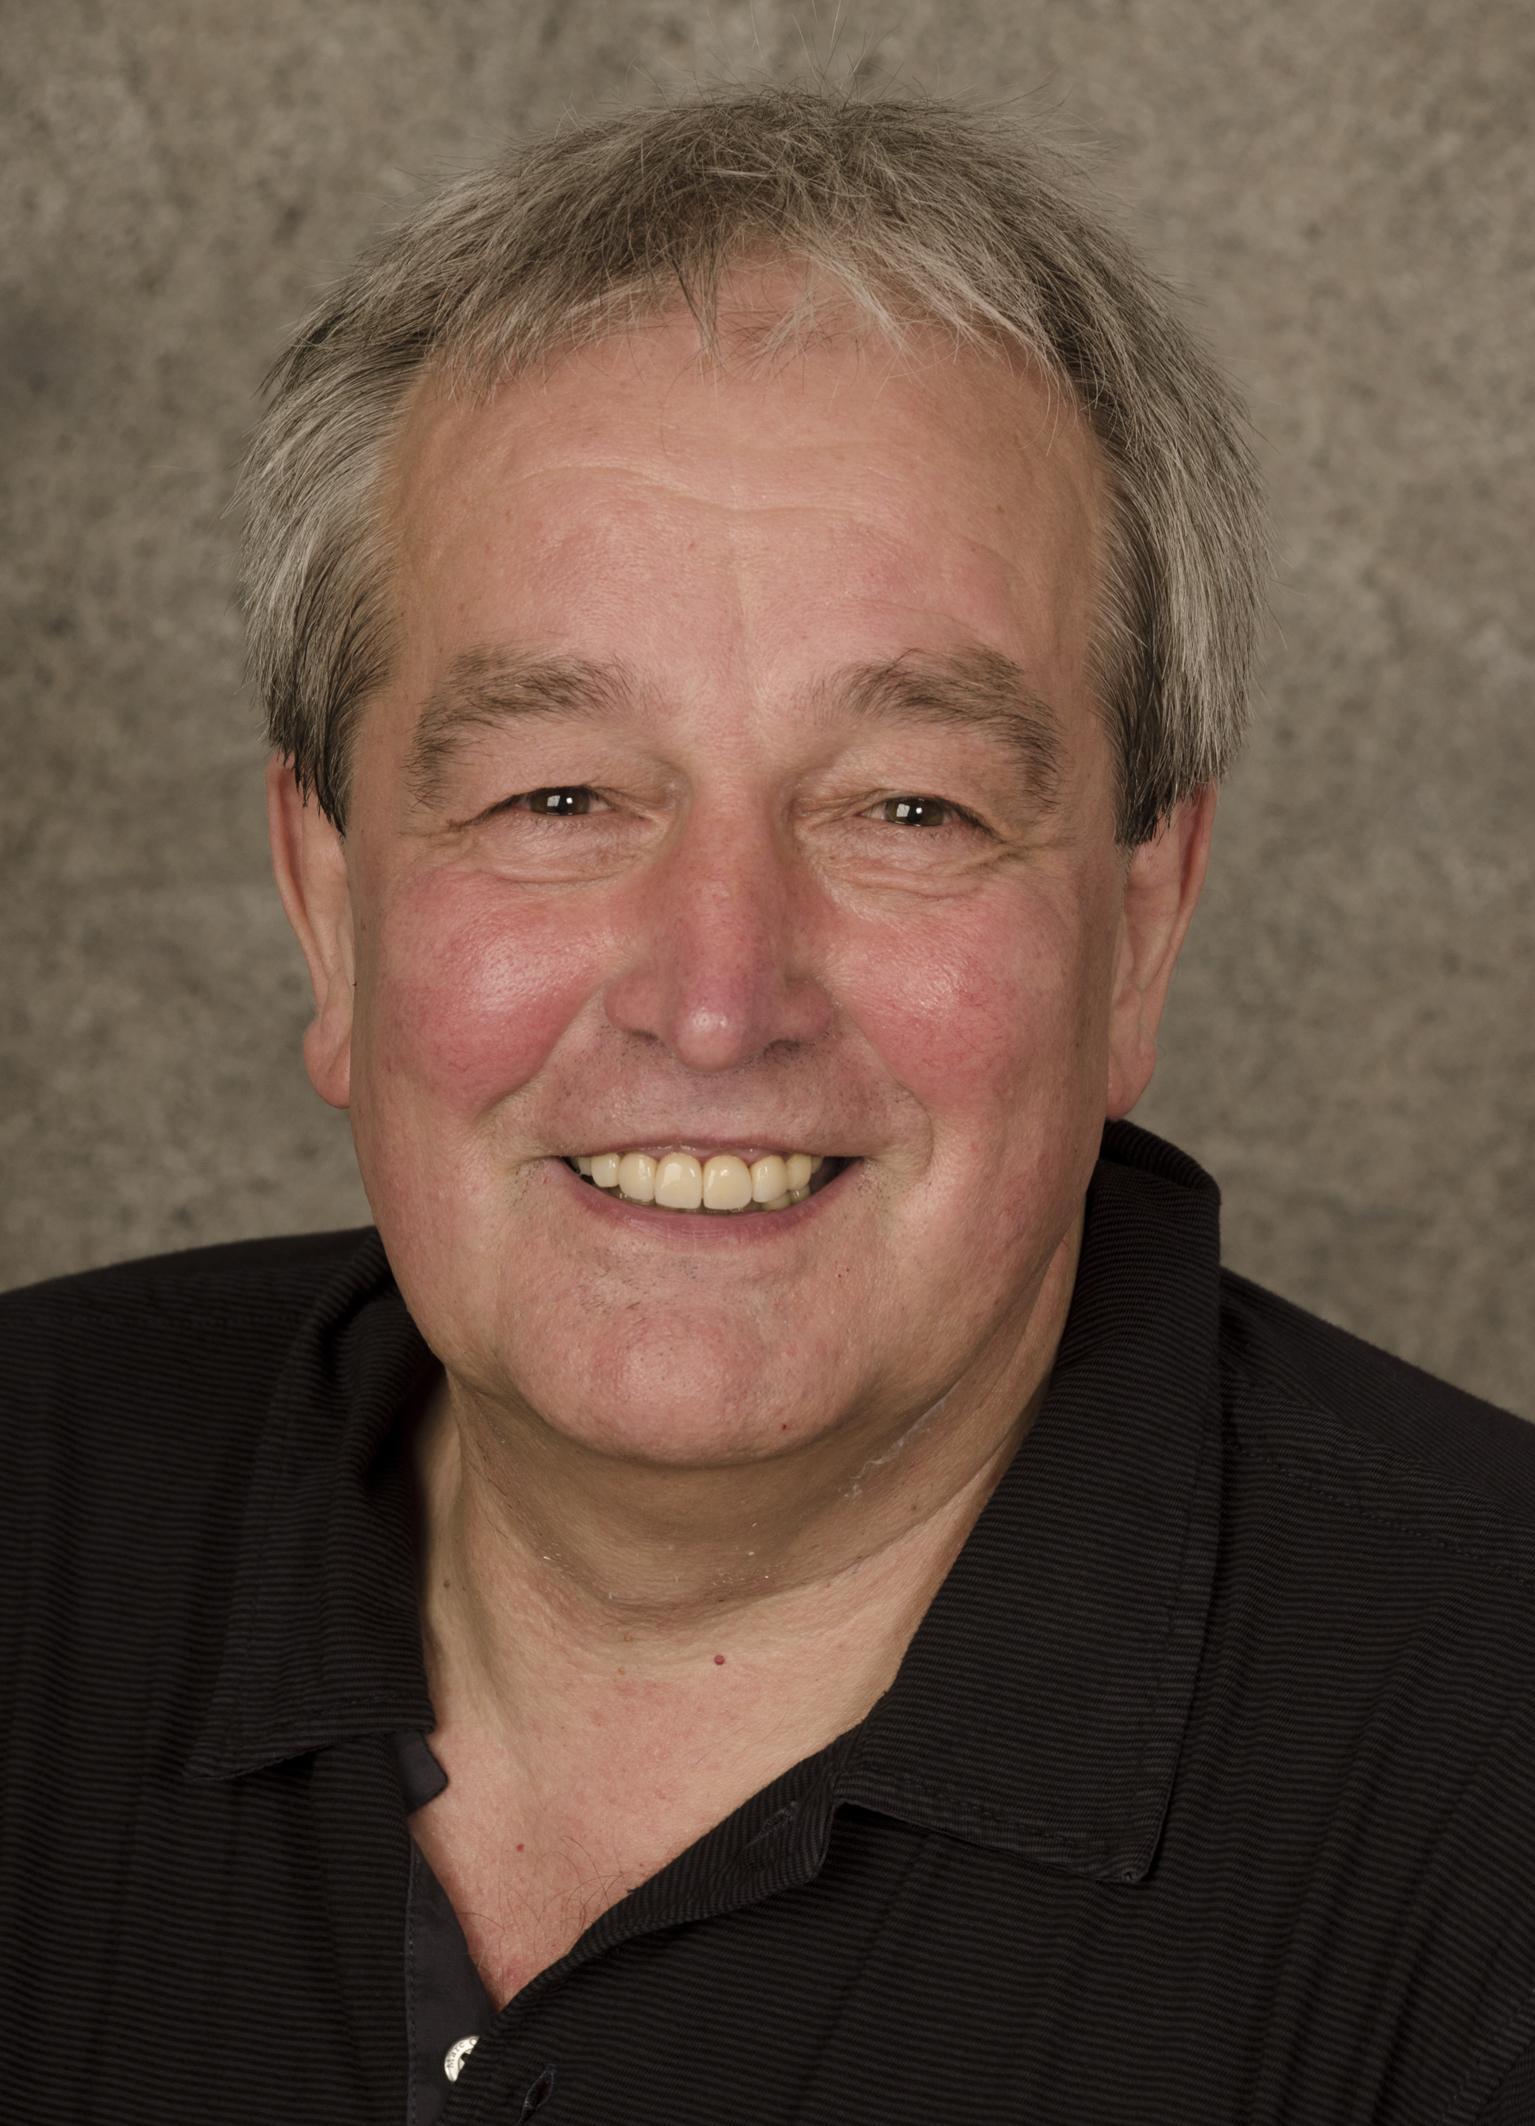 Karl-Heinz Utsch